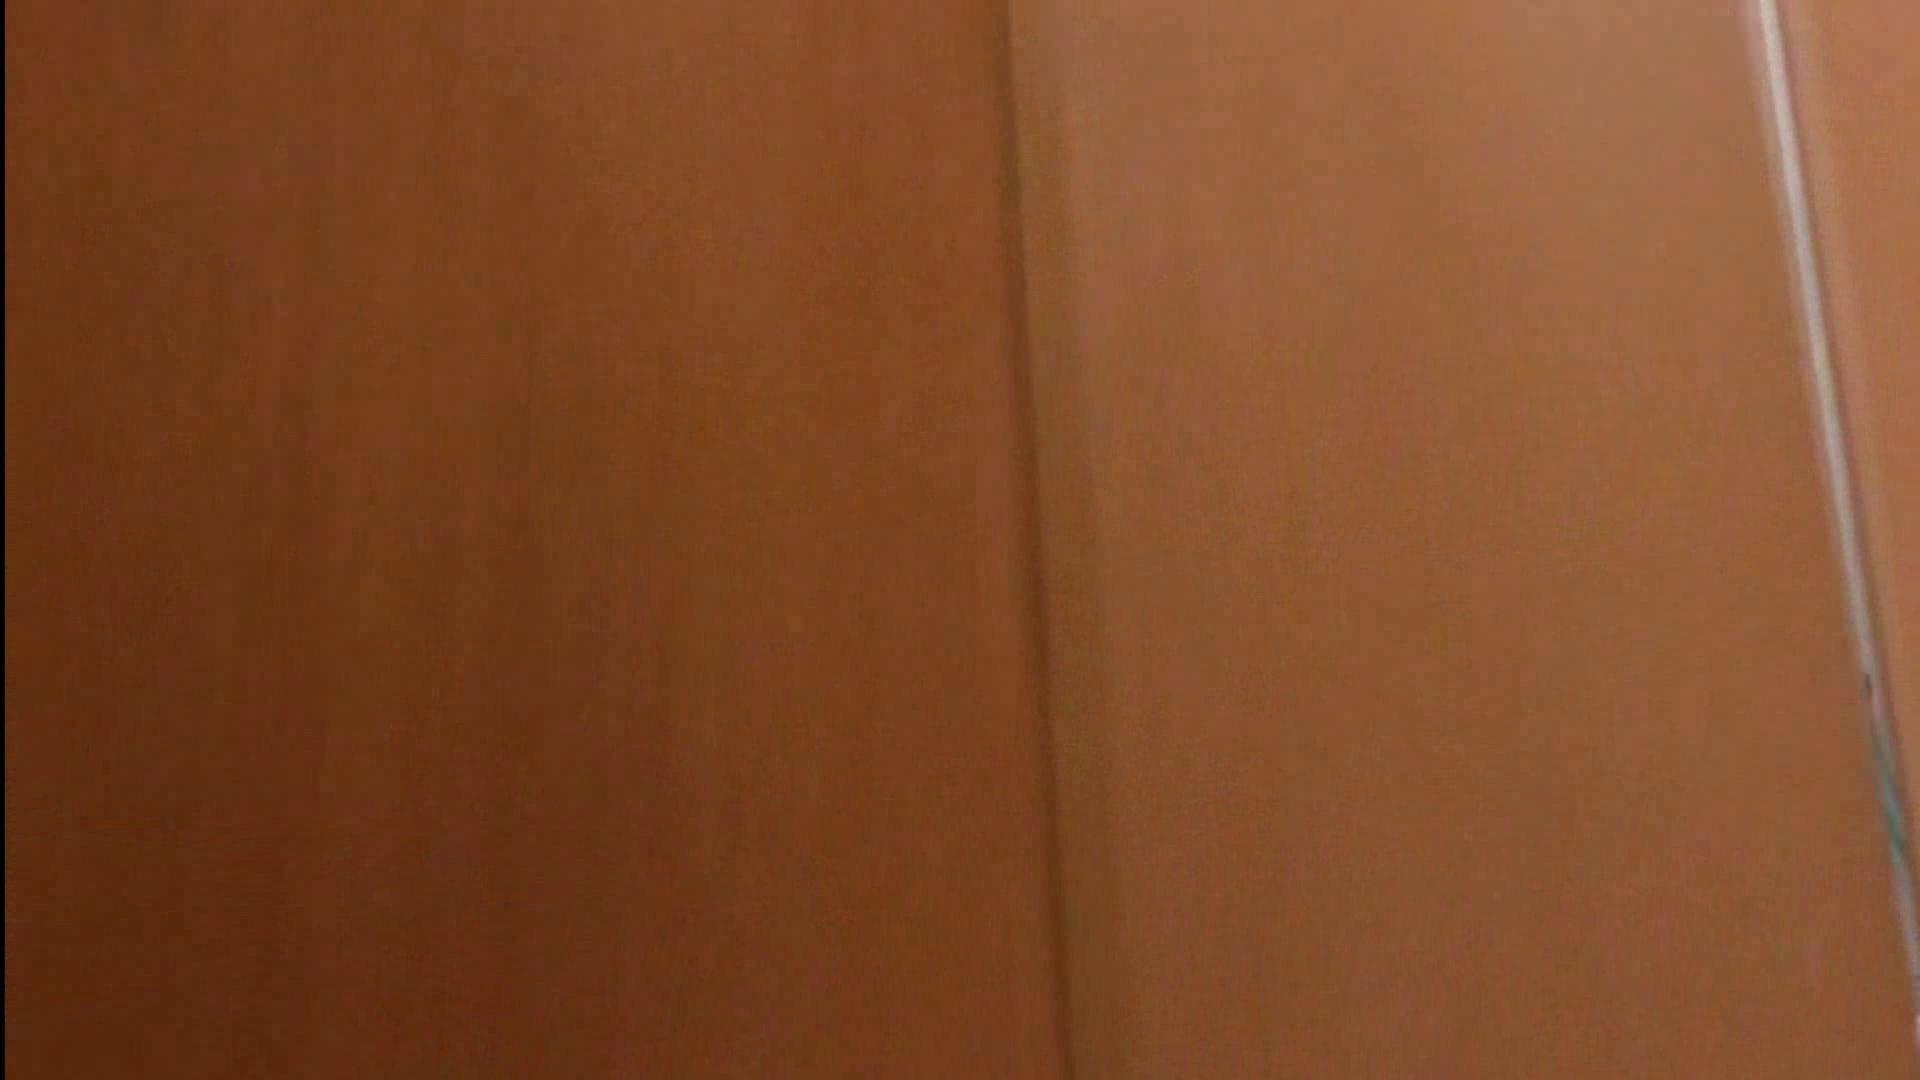 「噂」の国の厠観察日記2 Vol.04 厠・・・   人気シリーズ  96PIX 3